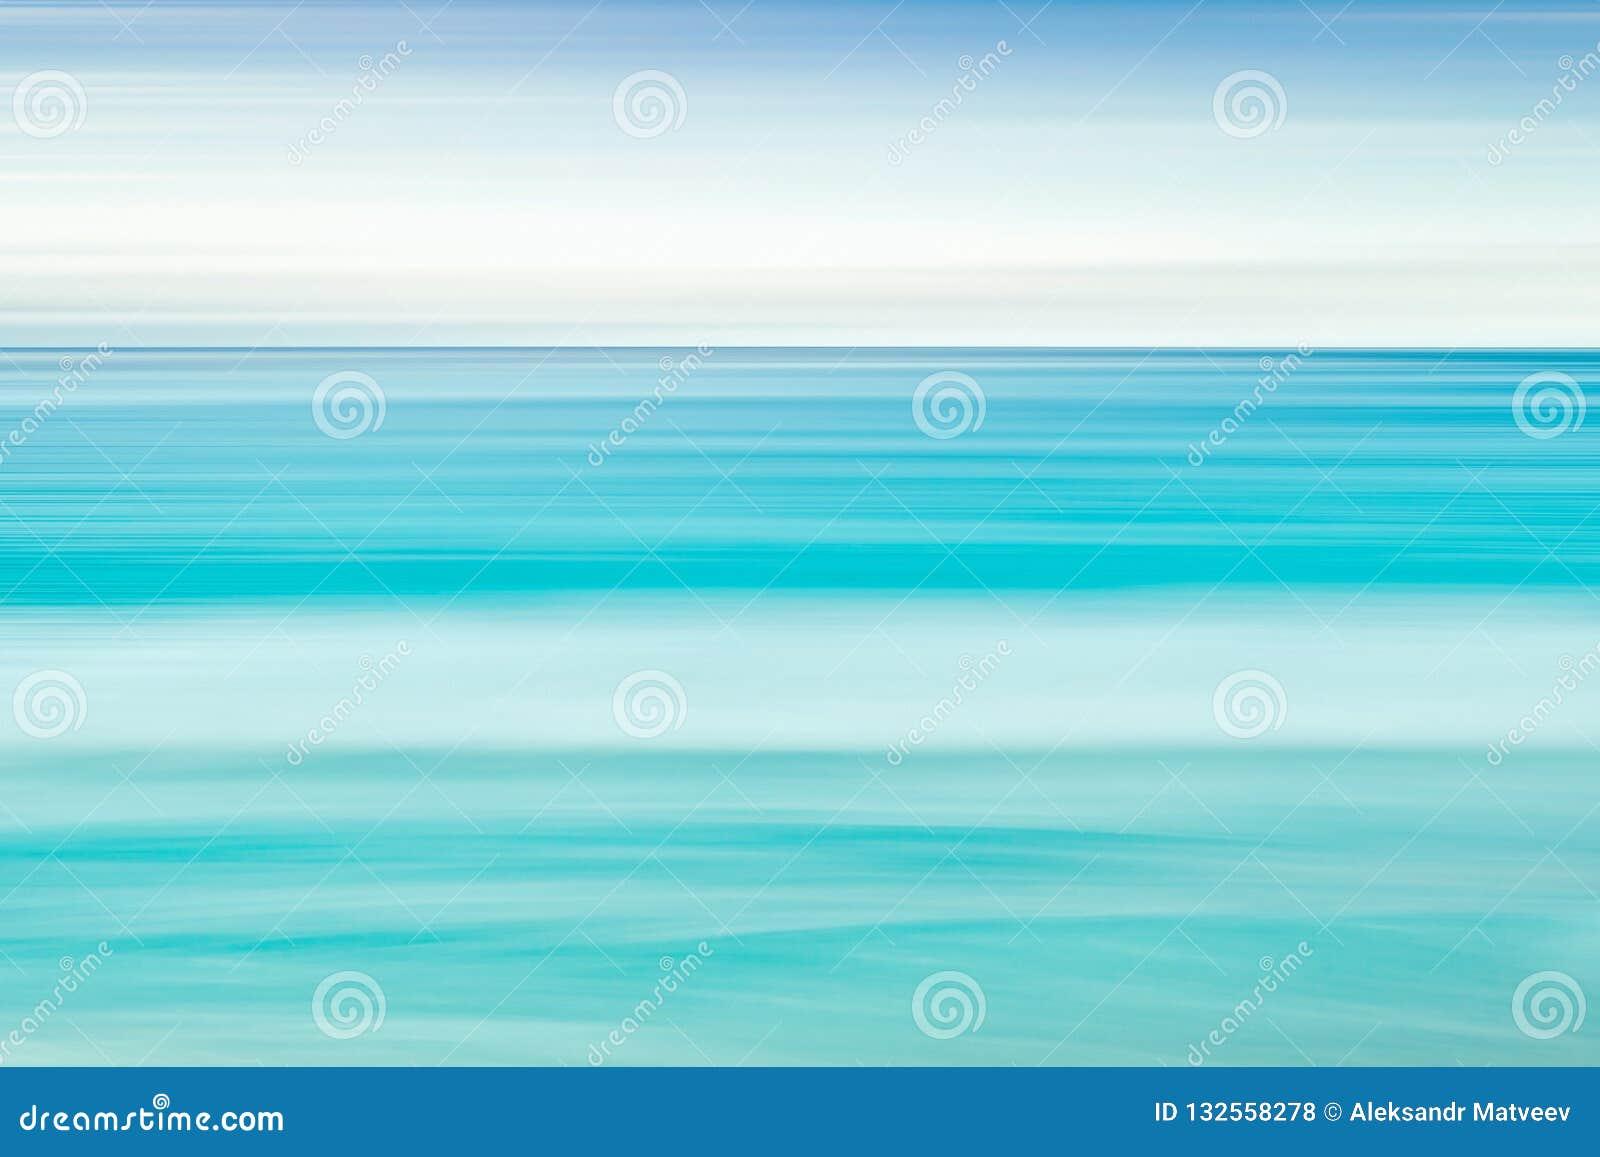 Fundo vazio do mar e da praia com espaço da cópia, exposição longa, fundo abstrato azul do inclinação do movimento do borrão